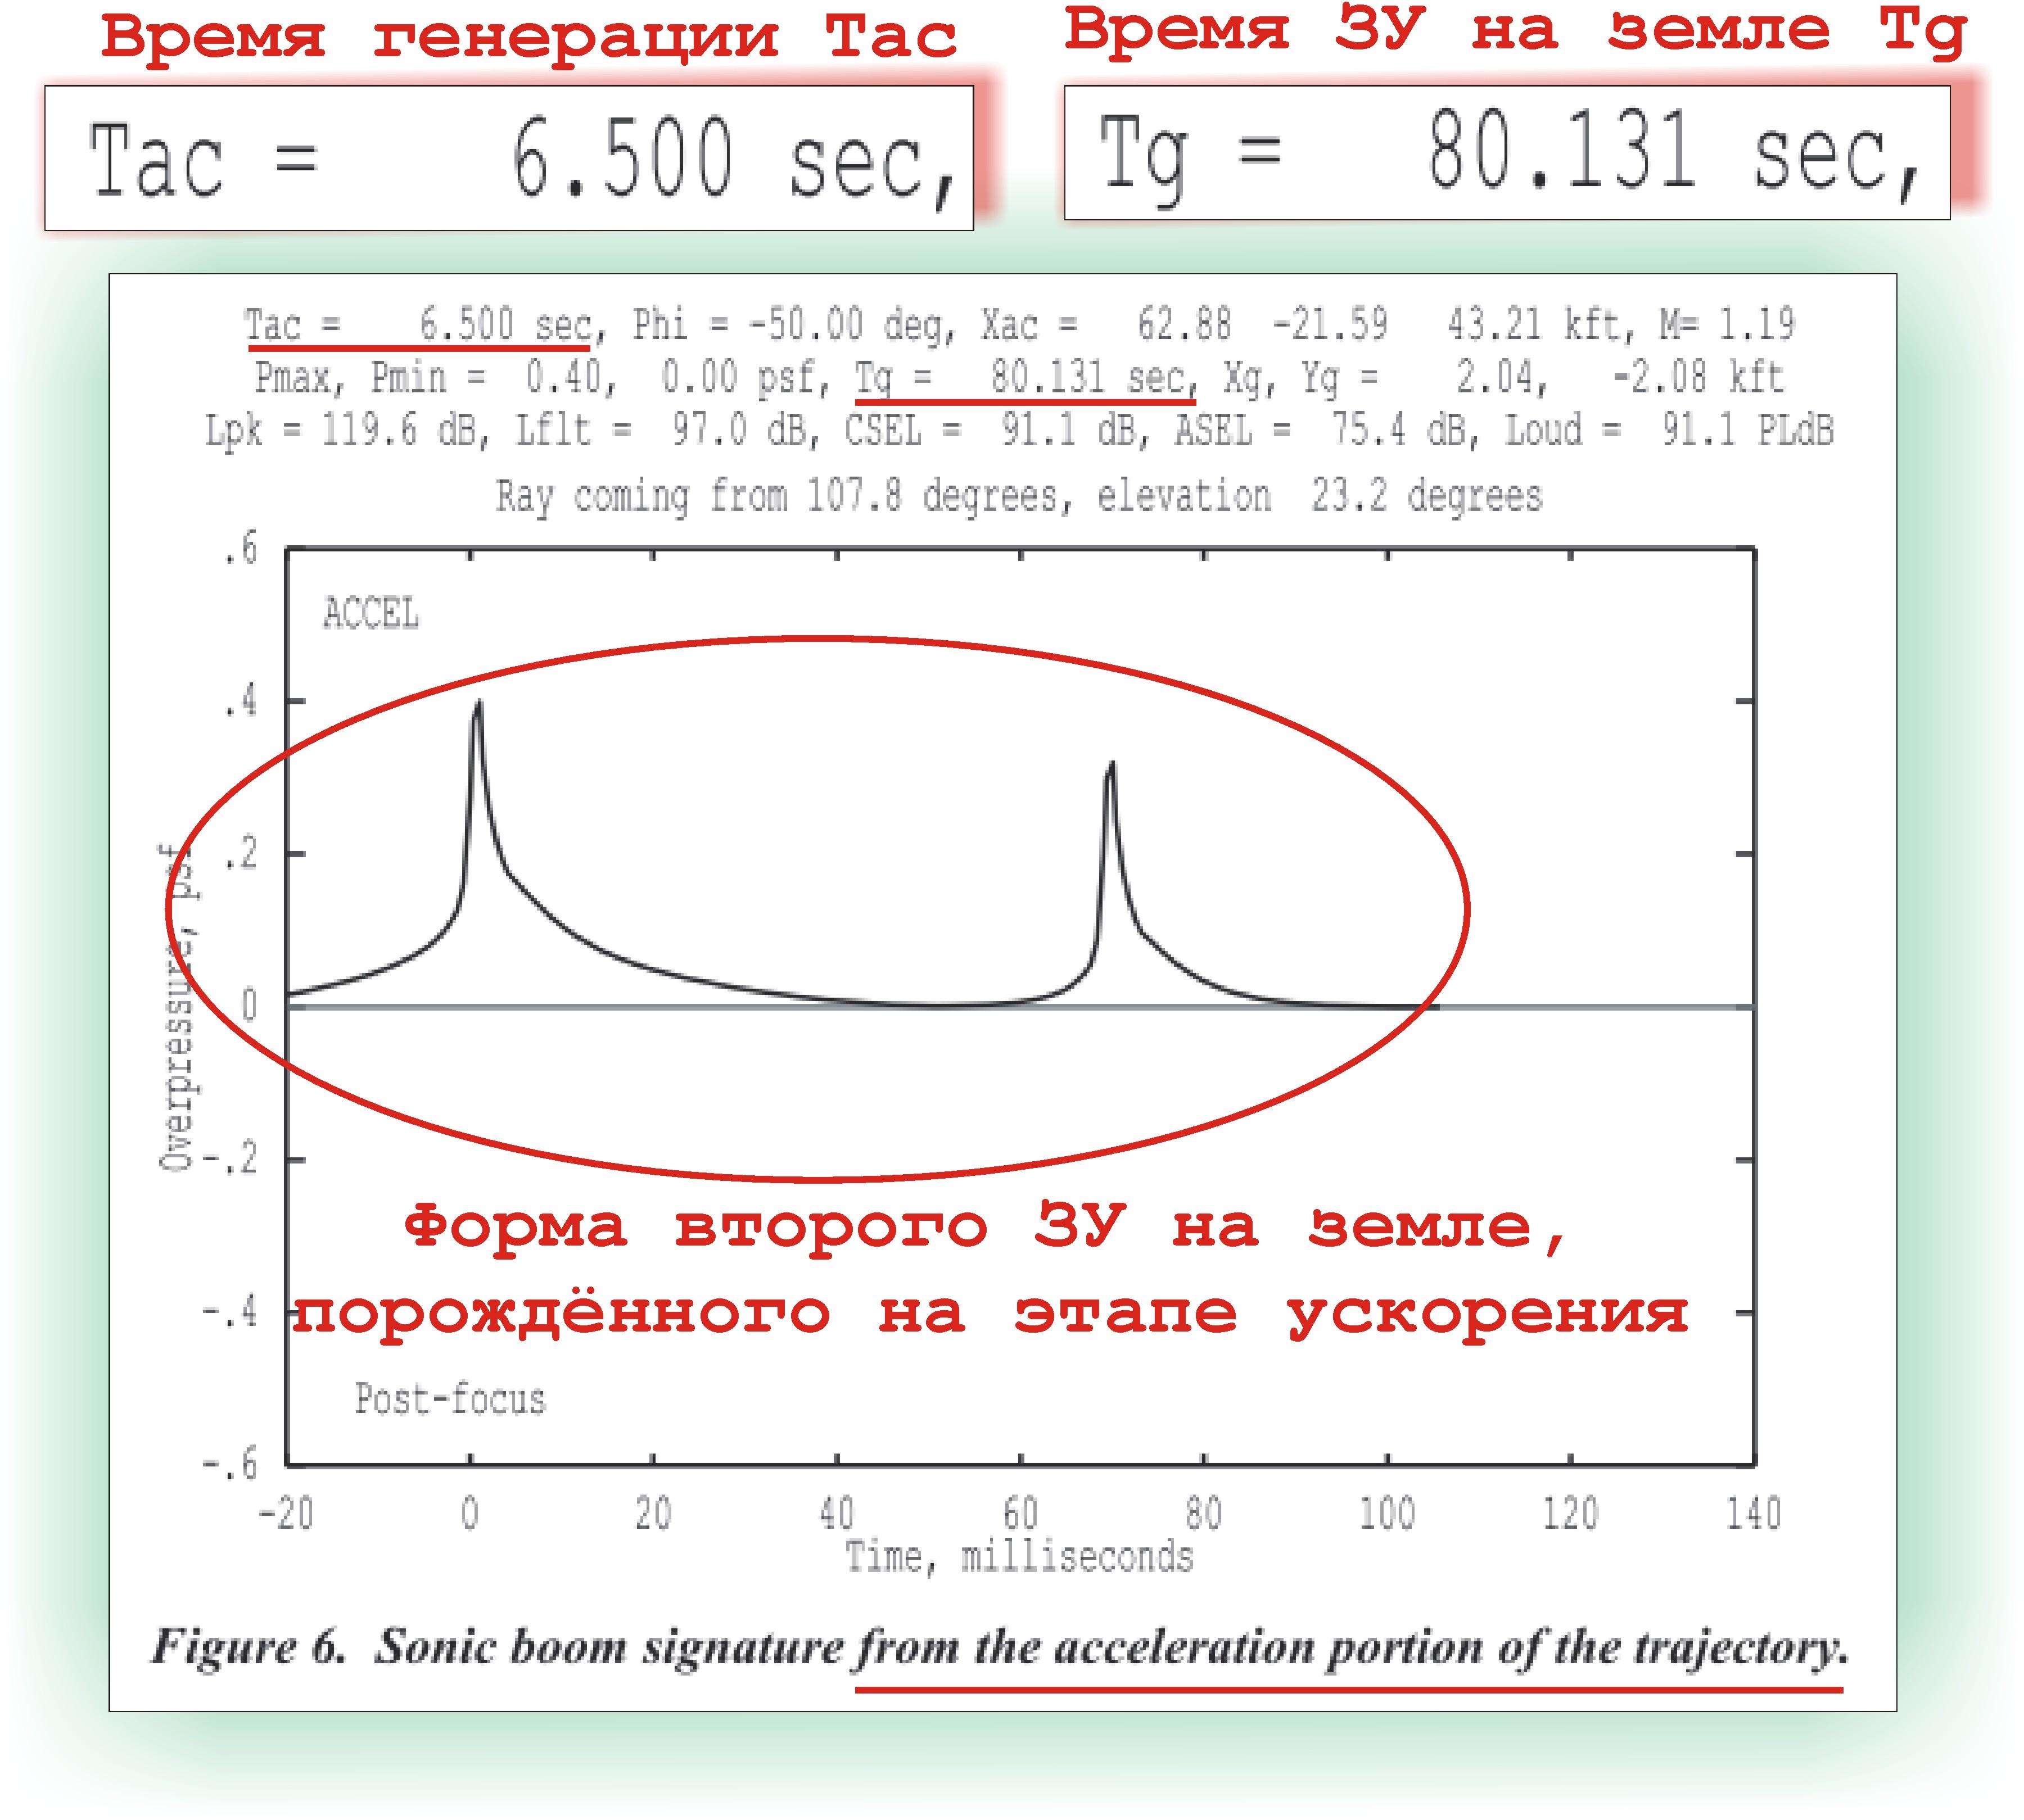 http://images.vfl.ru/ii/1514792334/75a60d7f/19980509.jpg